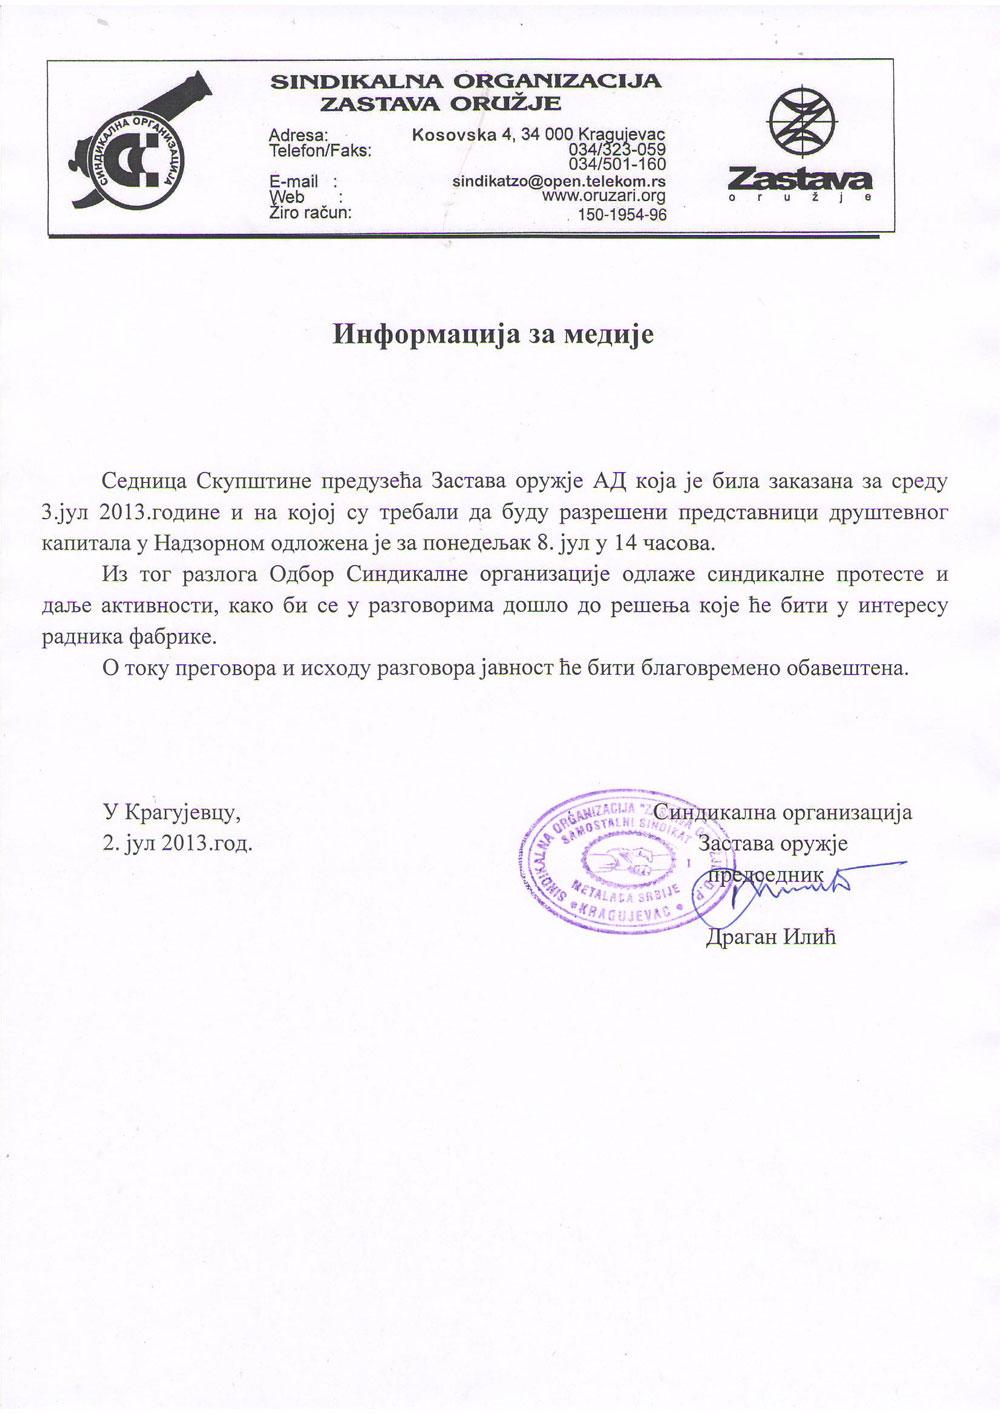 Informacija-za-medije2jul2013